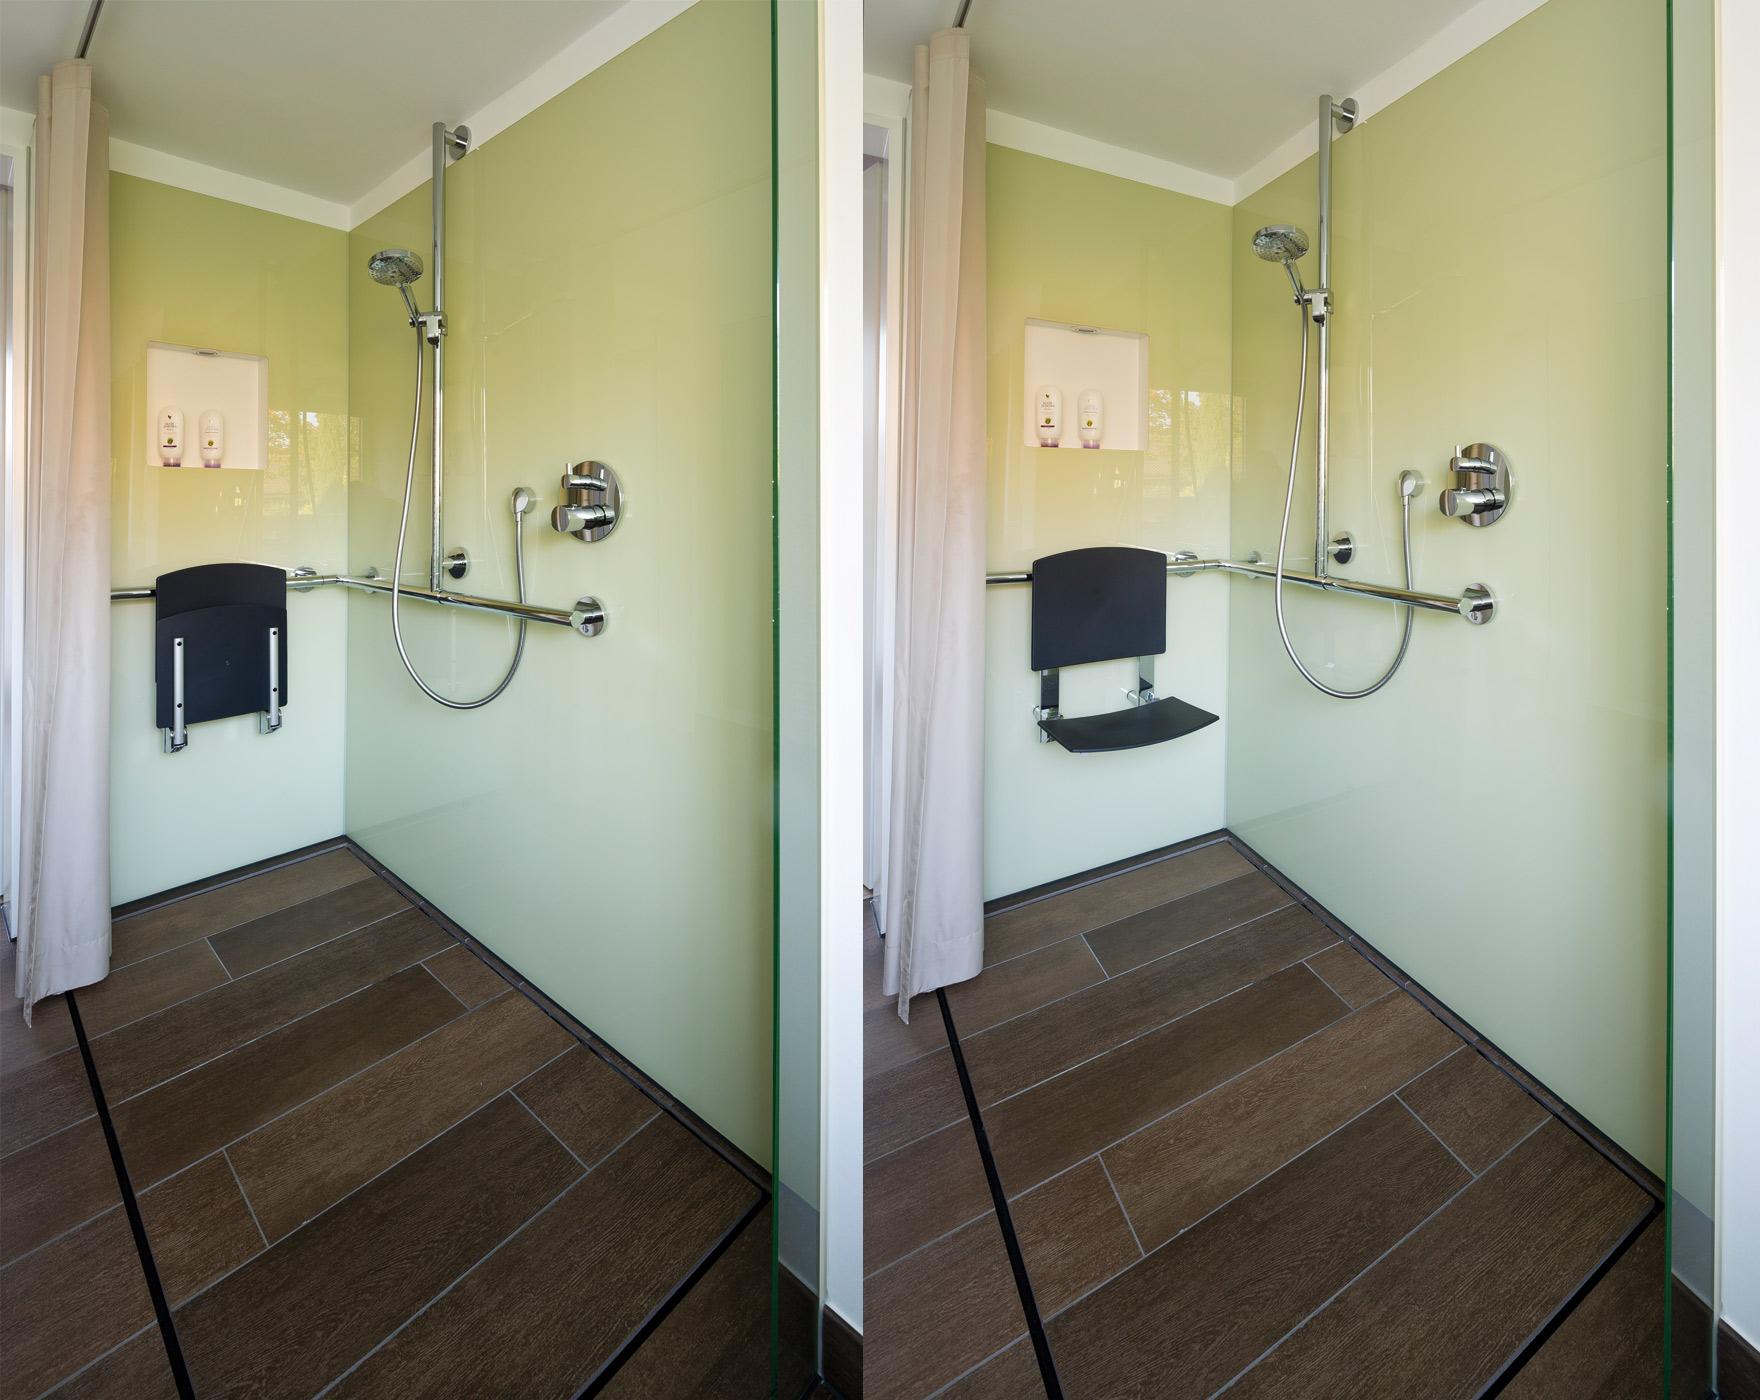 Full Size of Bodengleiche Duschen 10 Top Duschideen Baqua Schulte Werksverkauf Kaufen Dusche Nachträglich Einbauen Hsk Fliesen Begehbare Hüppe Sprinz Breuer Moderne Dusche Bodengleiche Duschen